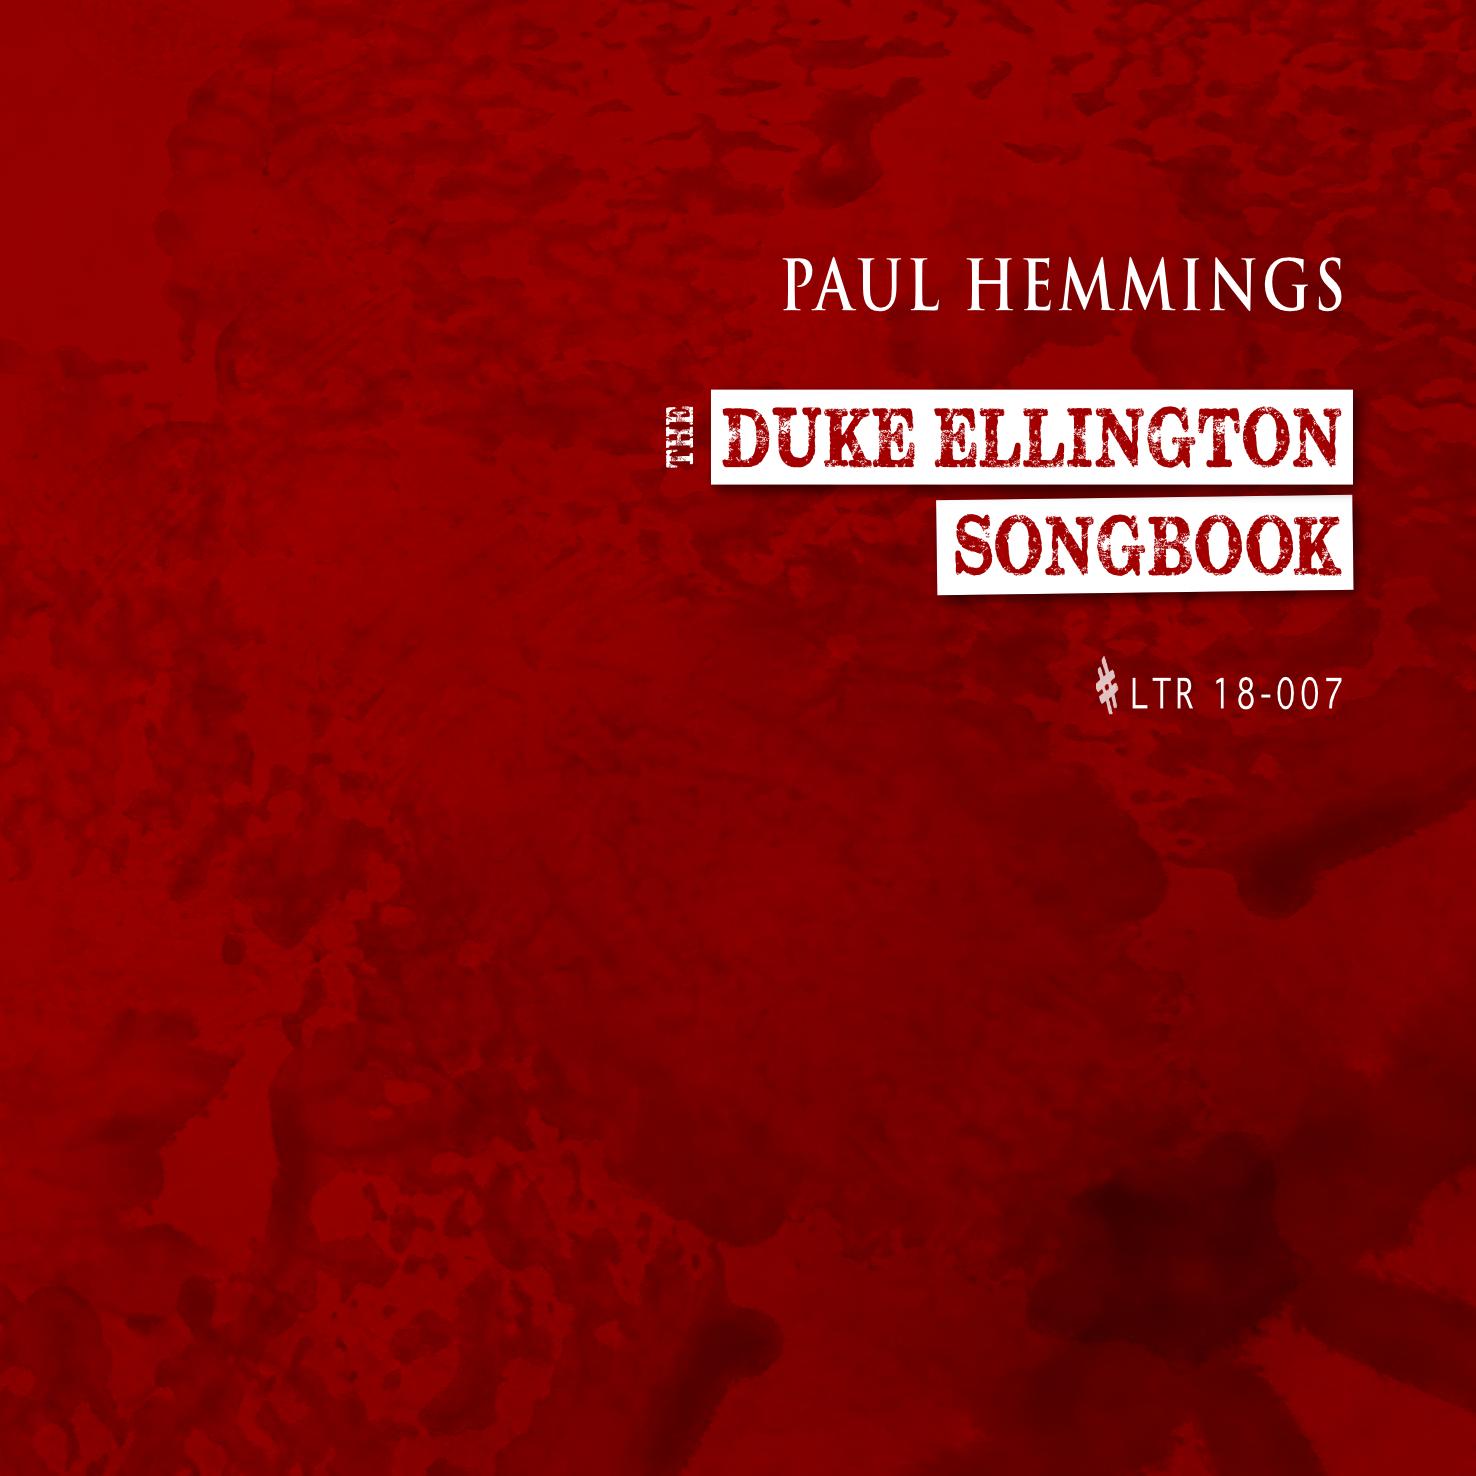 DUKE ELLINGTON SONGBOOK cd cover.jpg